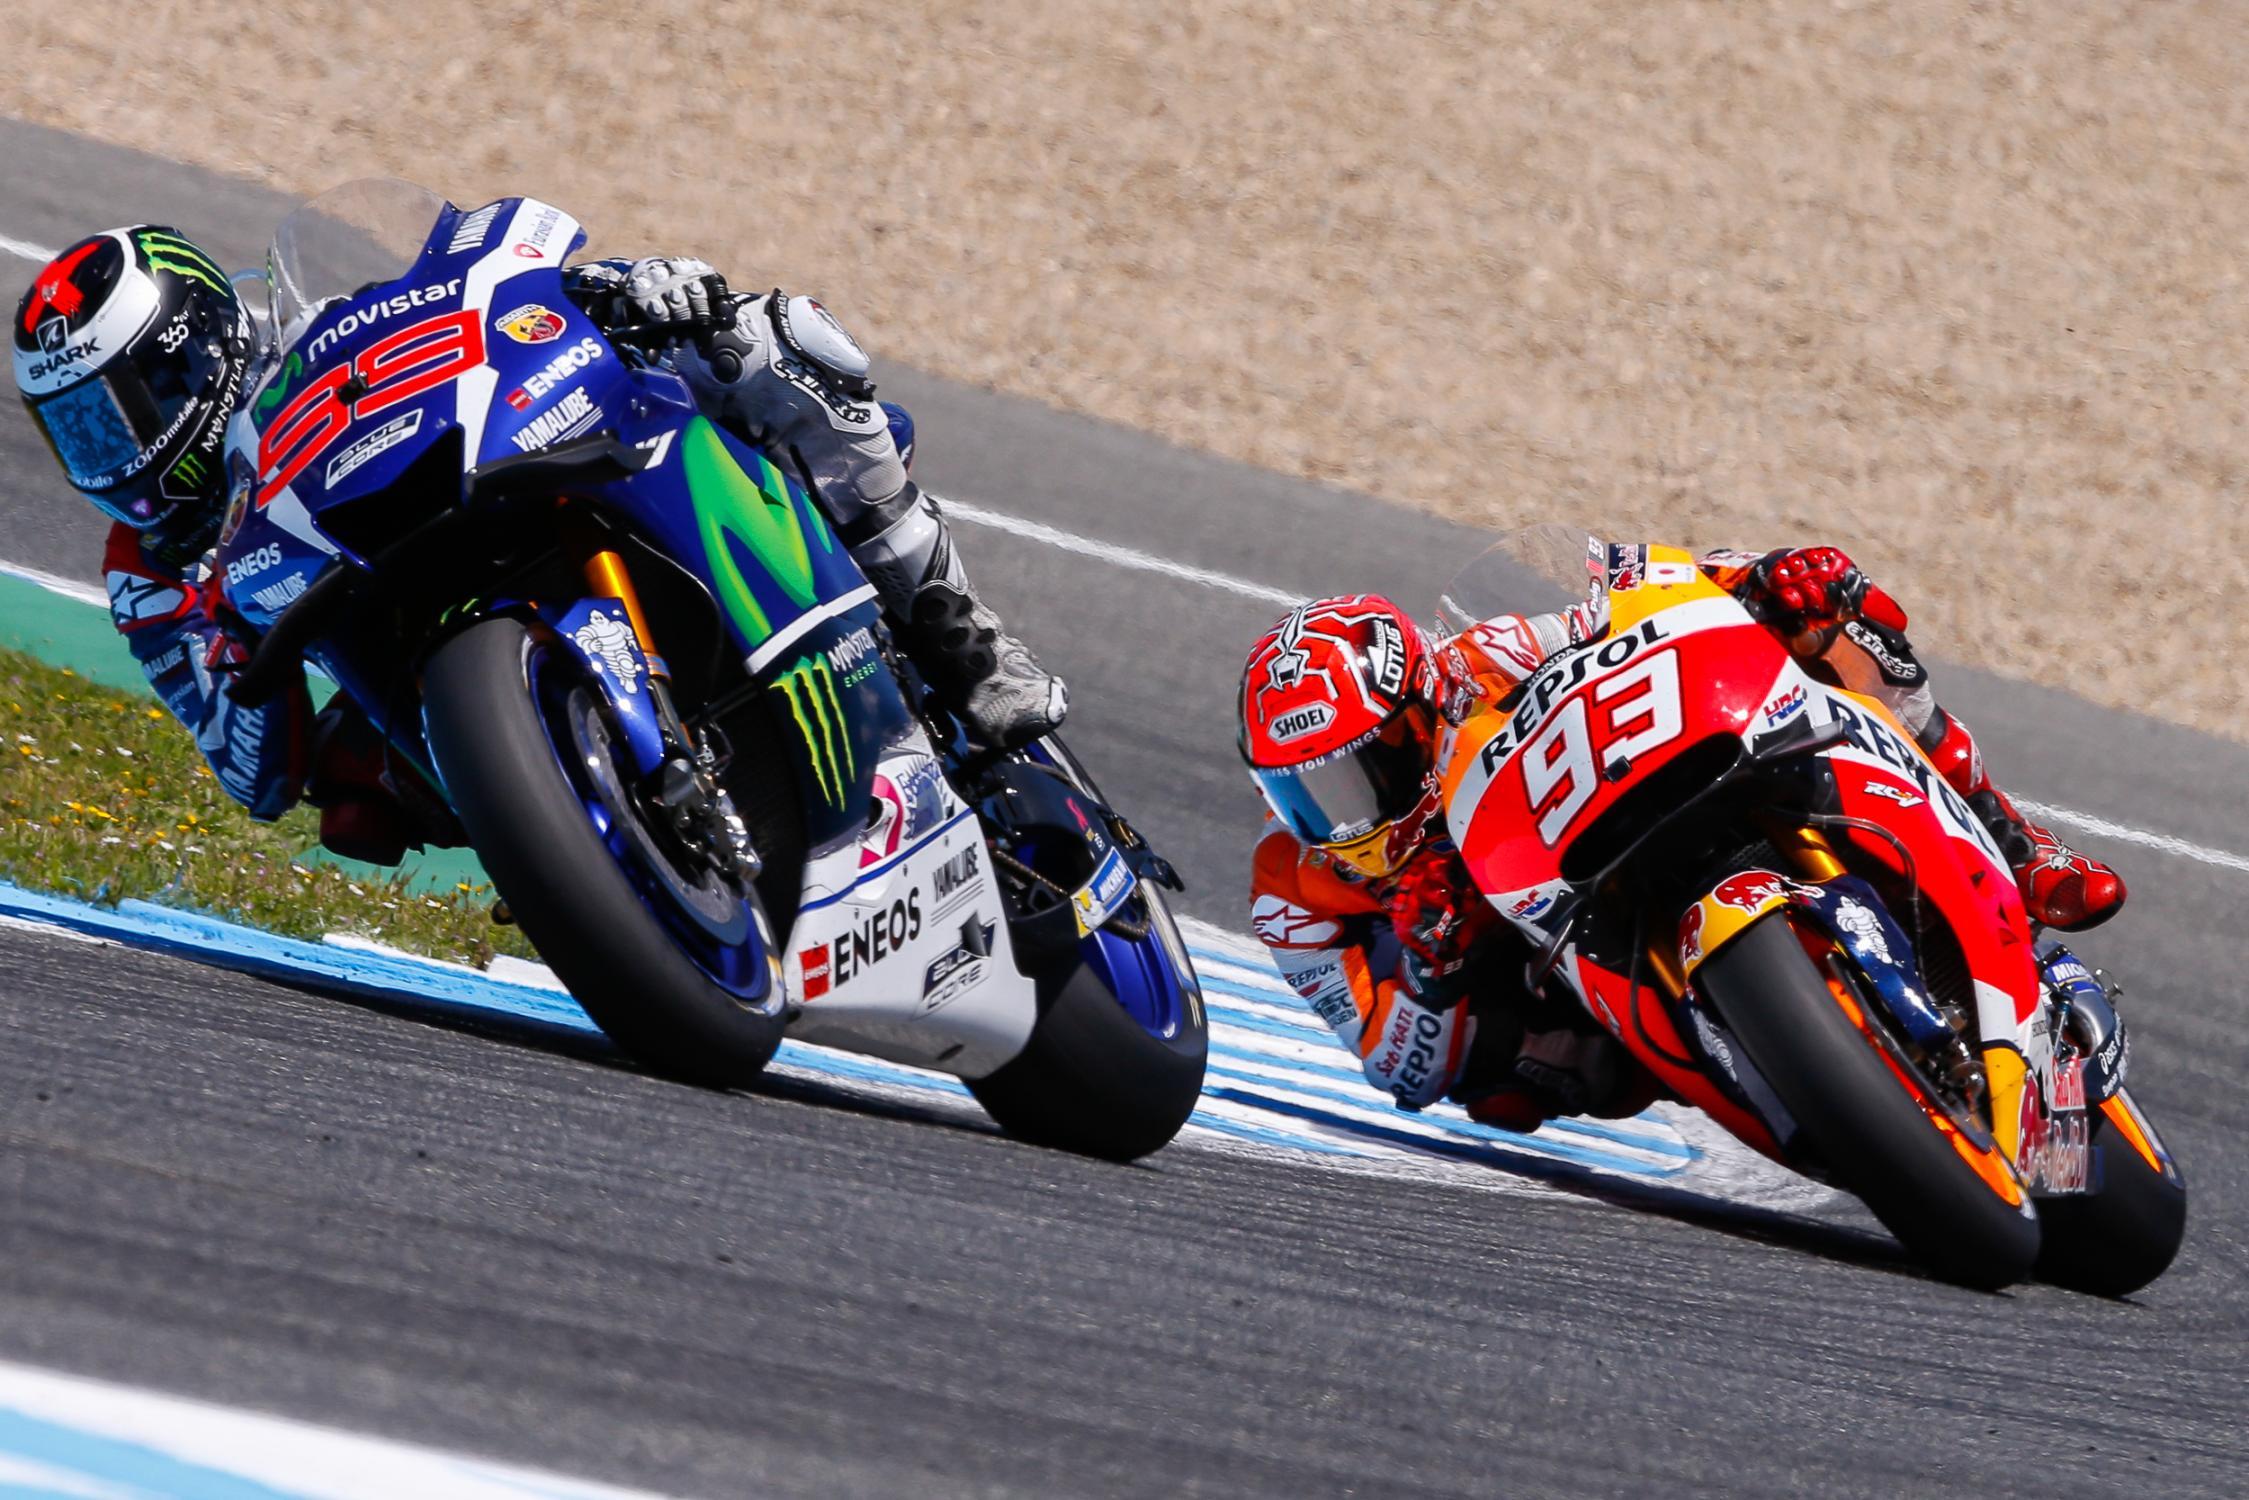 [GP] Jerez 93-marc-marquez-esp-99-jorge-lorenzo-esp_gp_8961.gallery_full_top_fullscreen